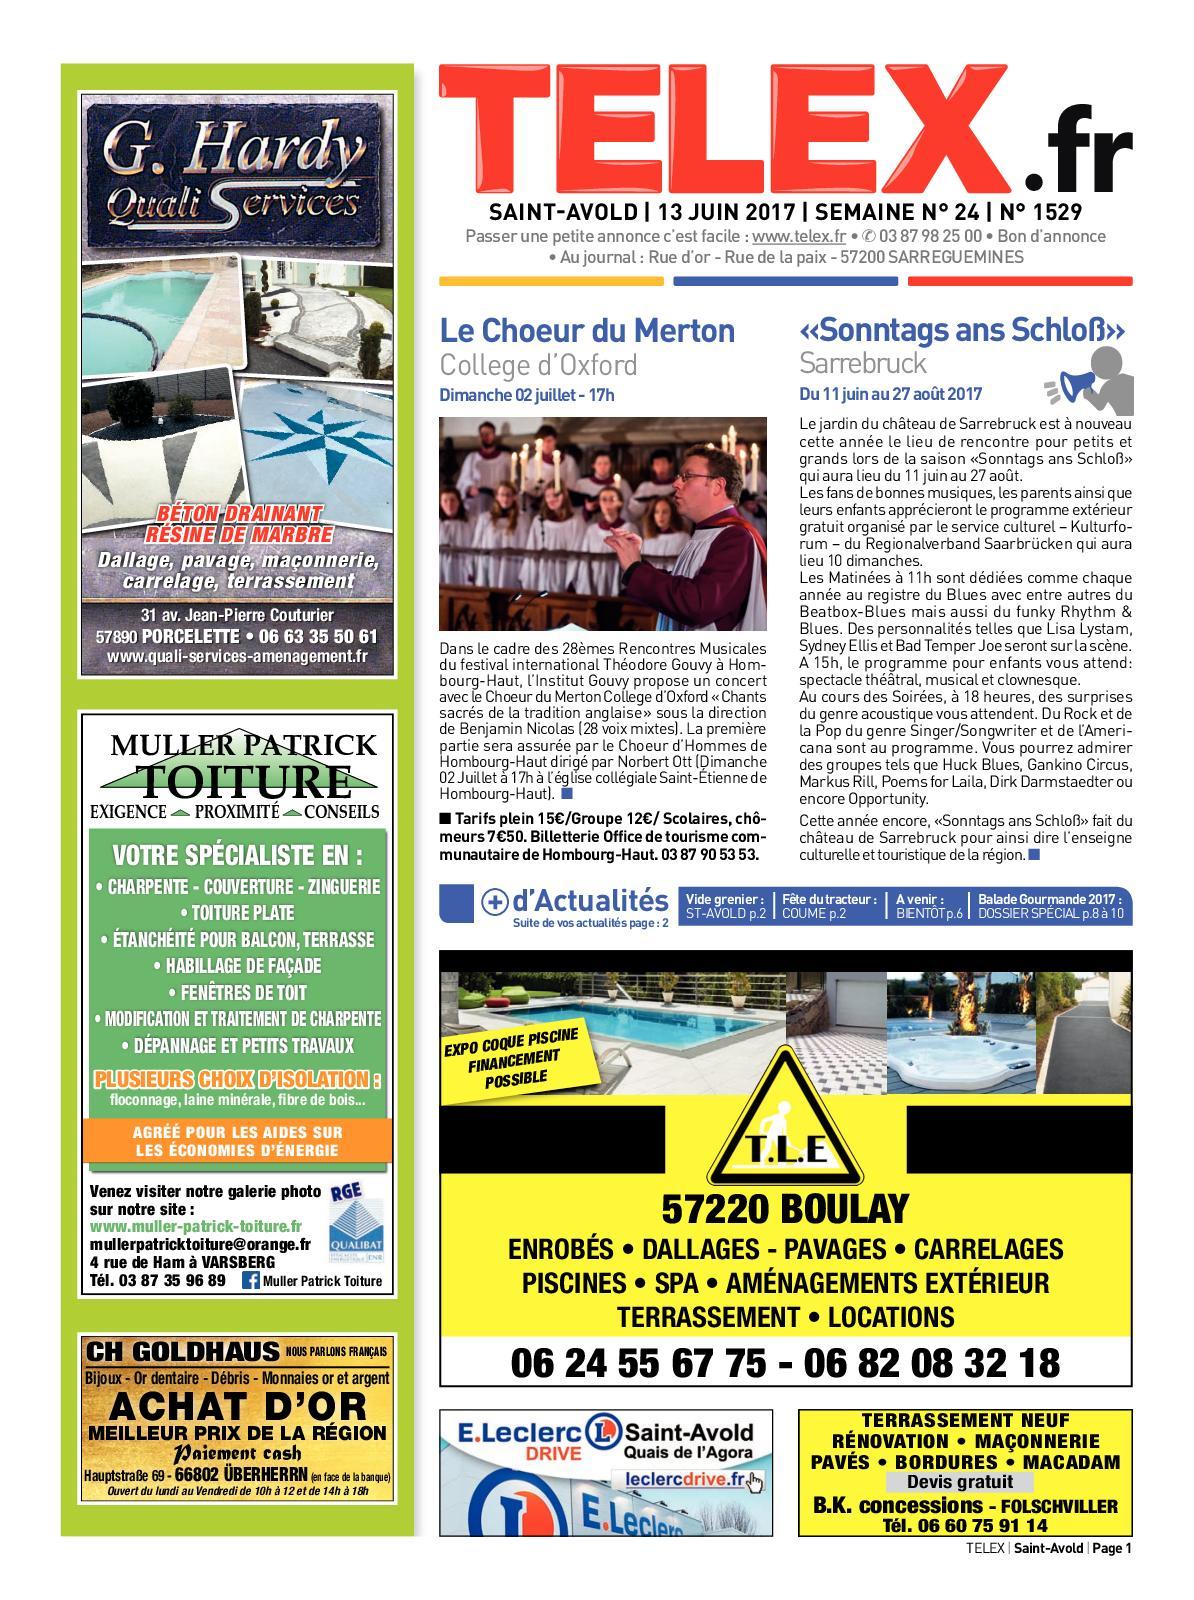 Leclerc Energie Espace Client Nouveau Calaméo 2417 Saint Avold Of 20 Nouveau Leclerc Energie Espace Client